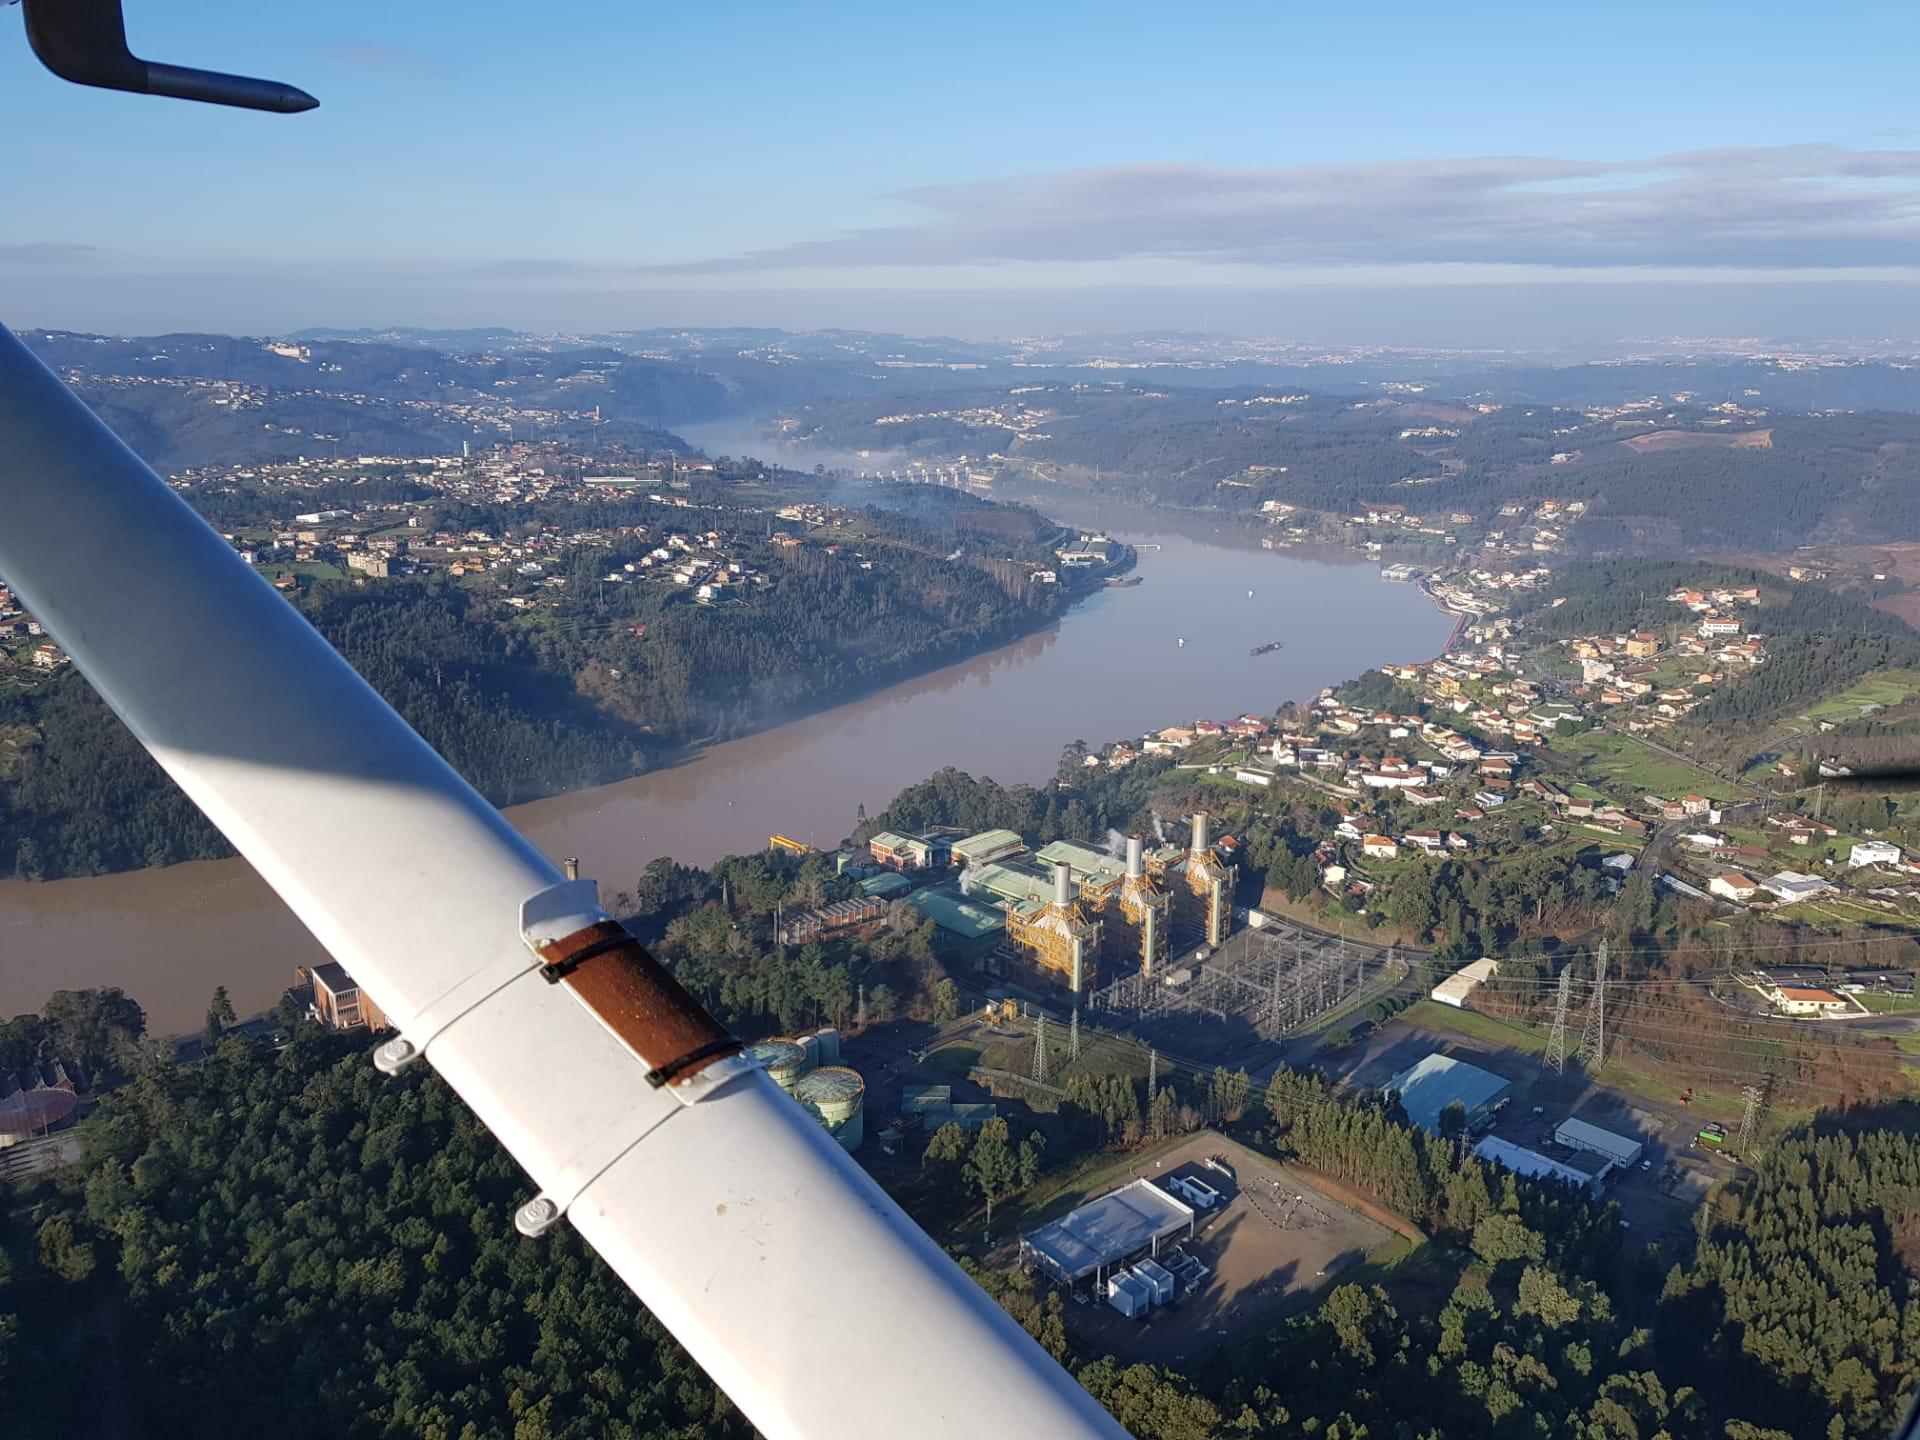 LM-Arquivo-Douro-Paiva-Foto-Aerea-ETA-Lever-065